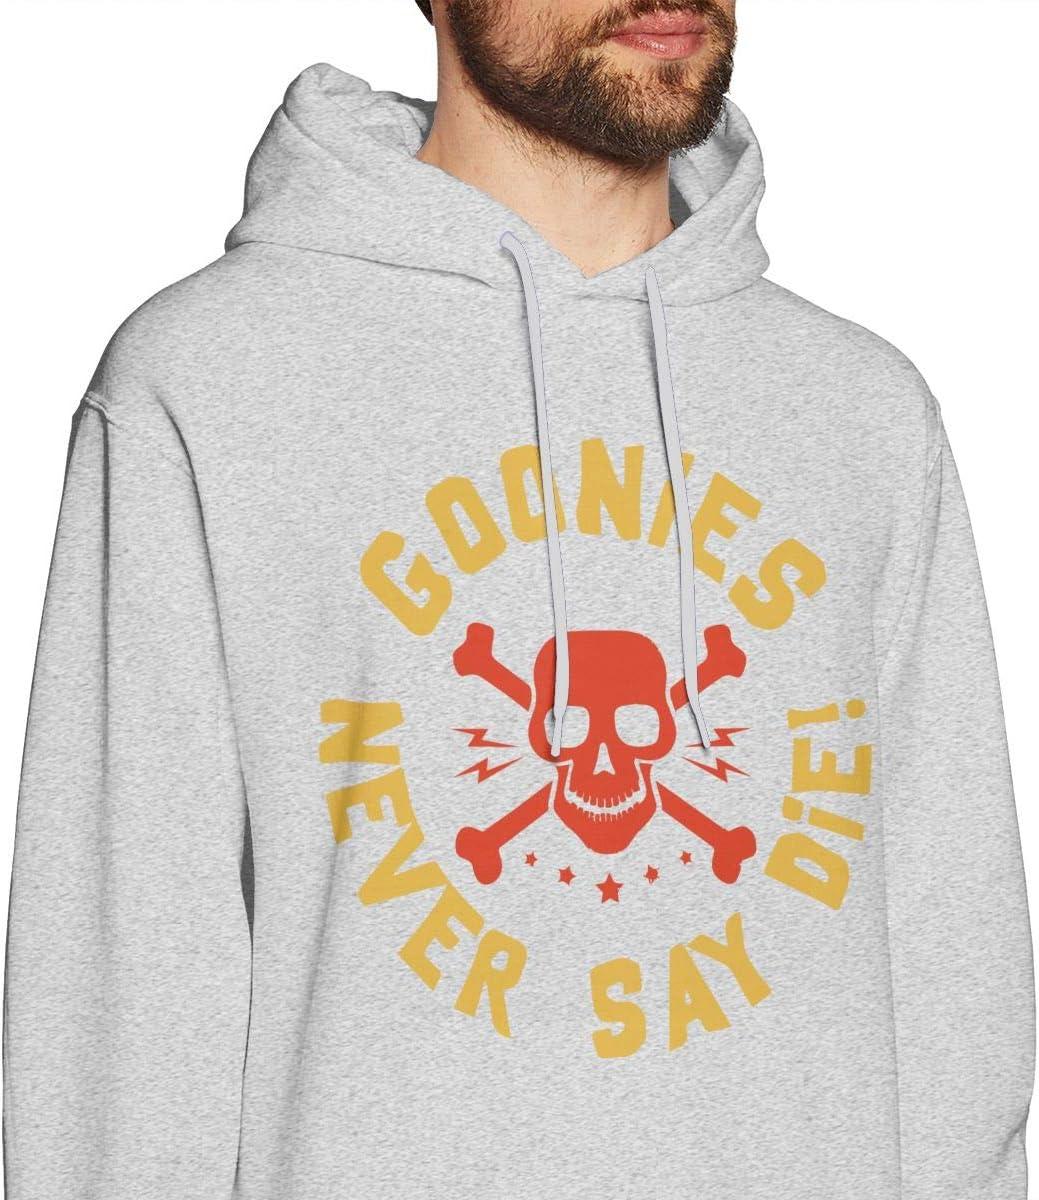 Eplus Goonies New Say Die Cool Sweatshirt Mens Pullover Sweatshirt Print Hoodie